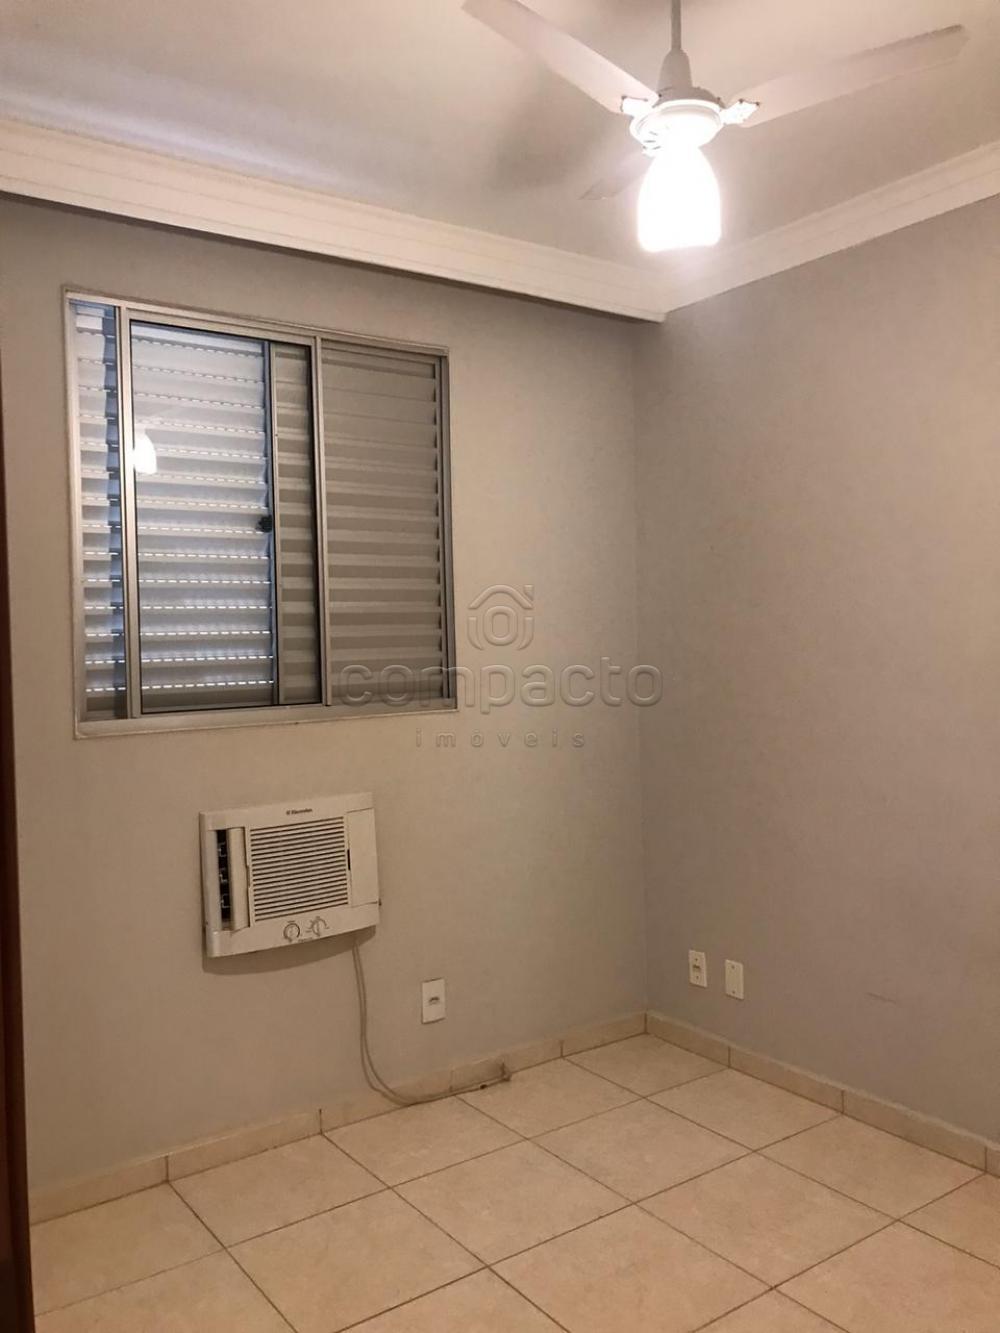 Alugar Apartamento / Padrão em São José do Rio Preto apenas R$ 1.150,00 - Foto 11